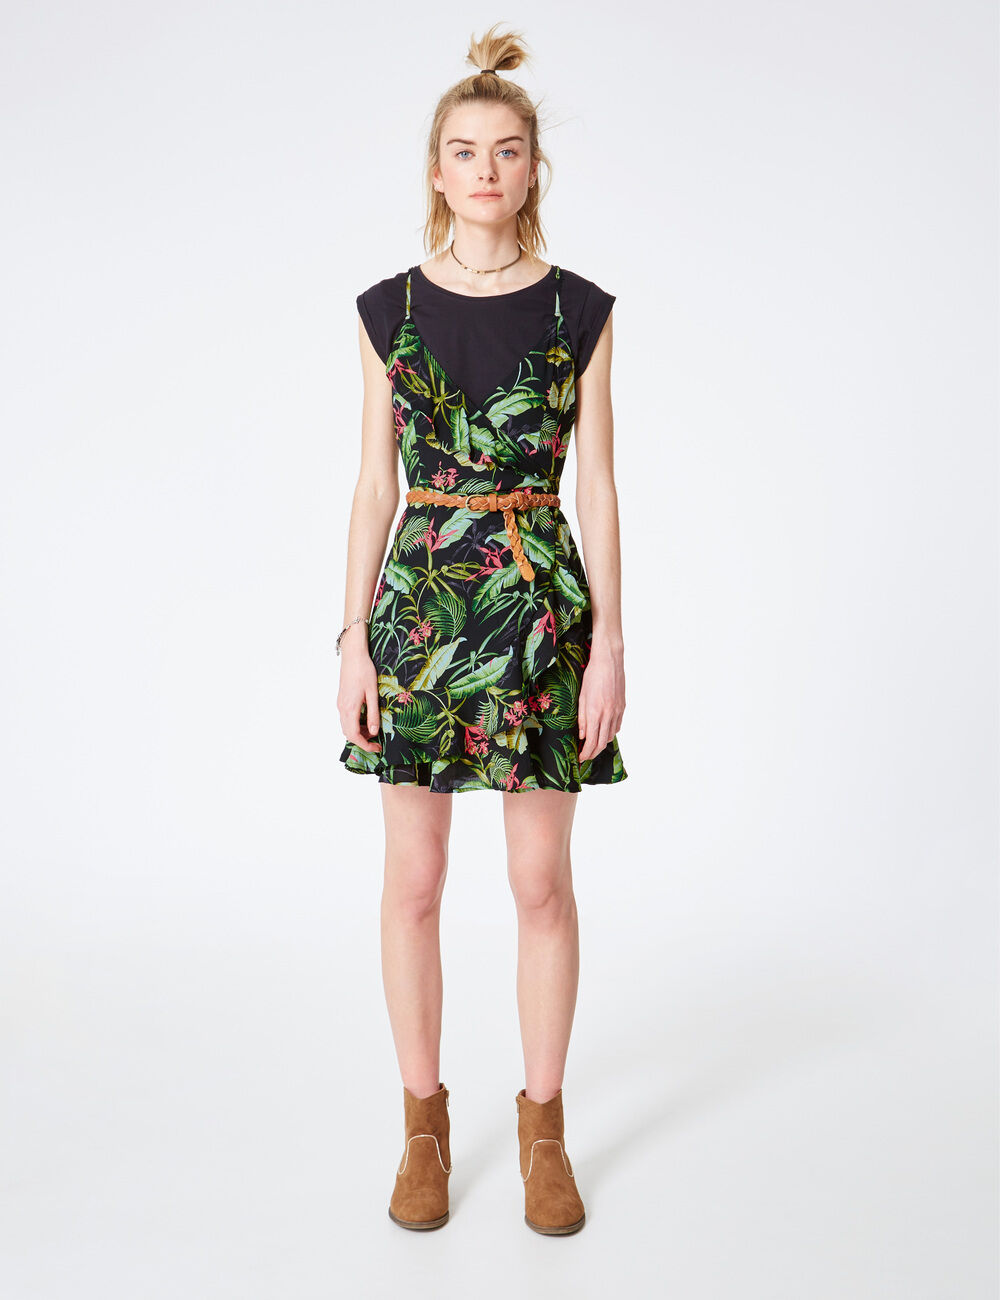 a29f49a24c Robe noire et verte – Modèles populaires de robes